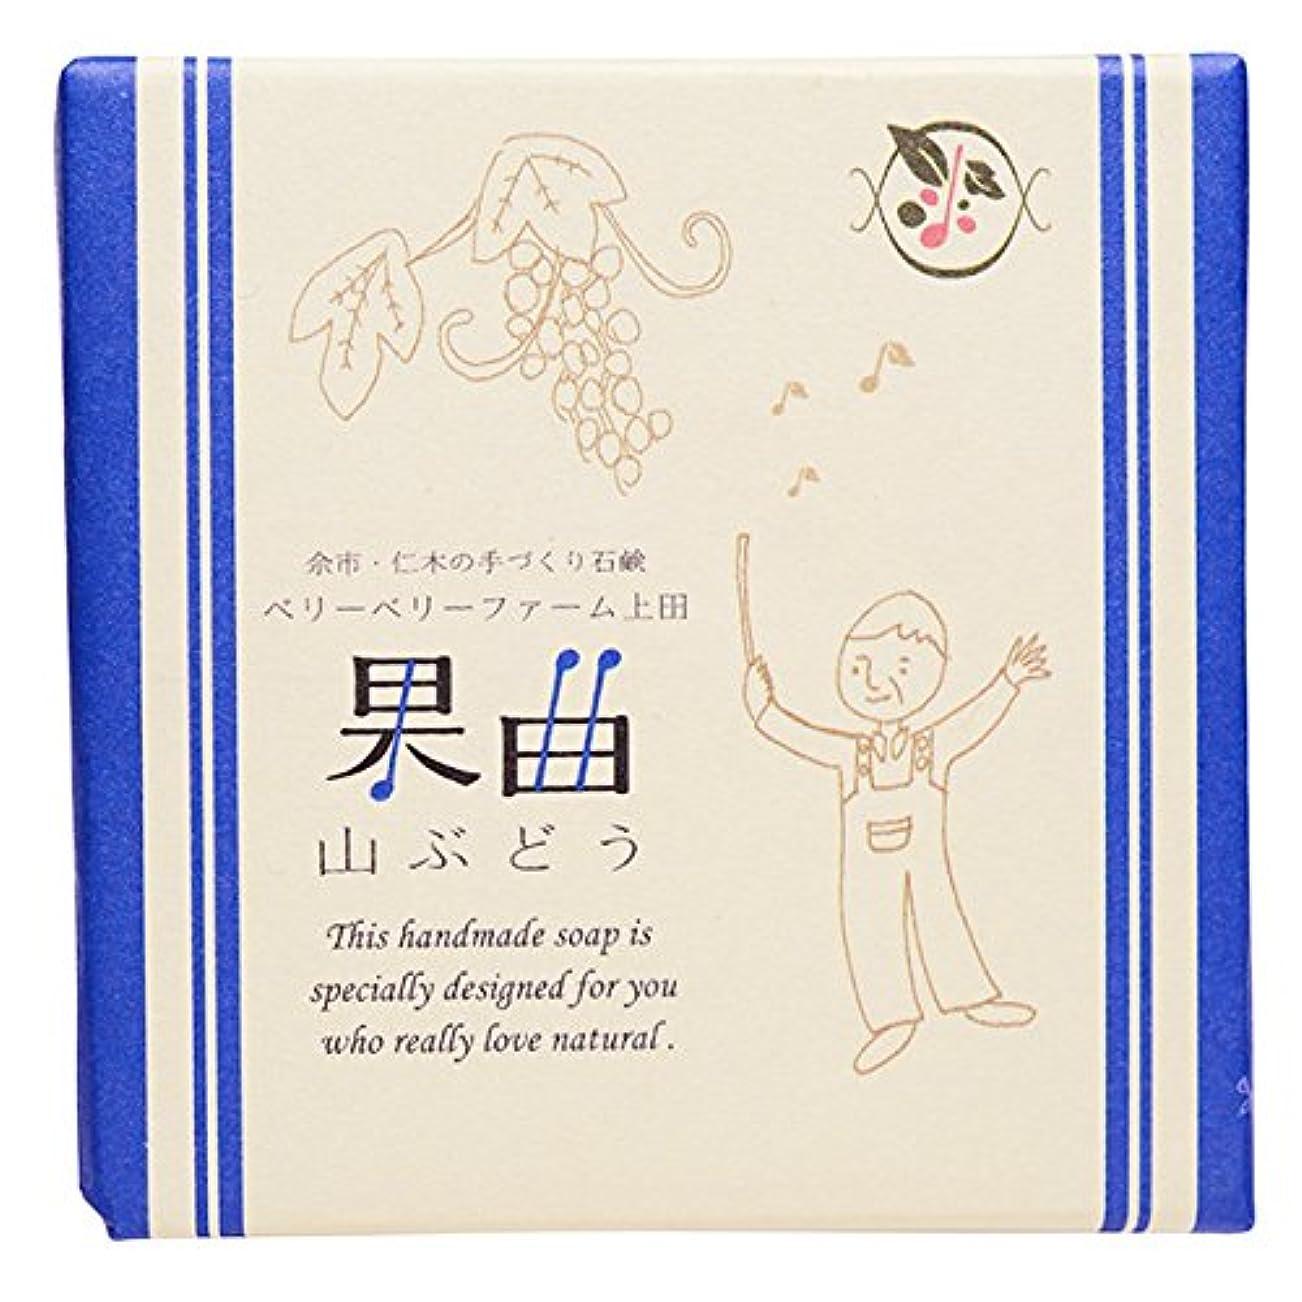 ぼかしキルス選出する余市町仁木のベリーベリーファーム上田との共同開発 果曲(山ぶどう)純練り石鹸